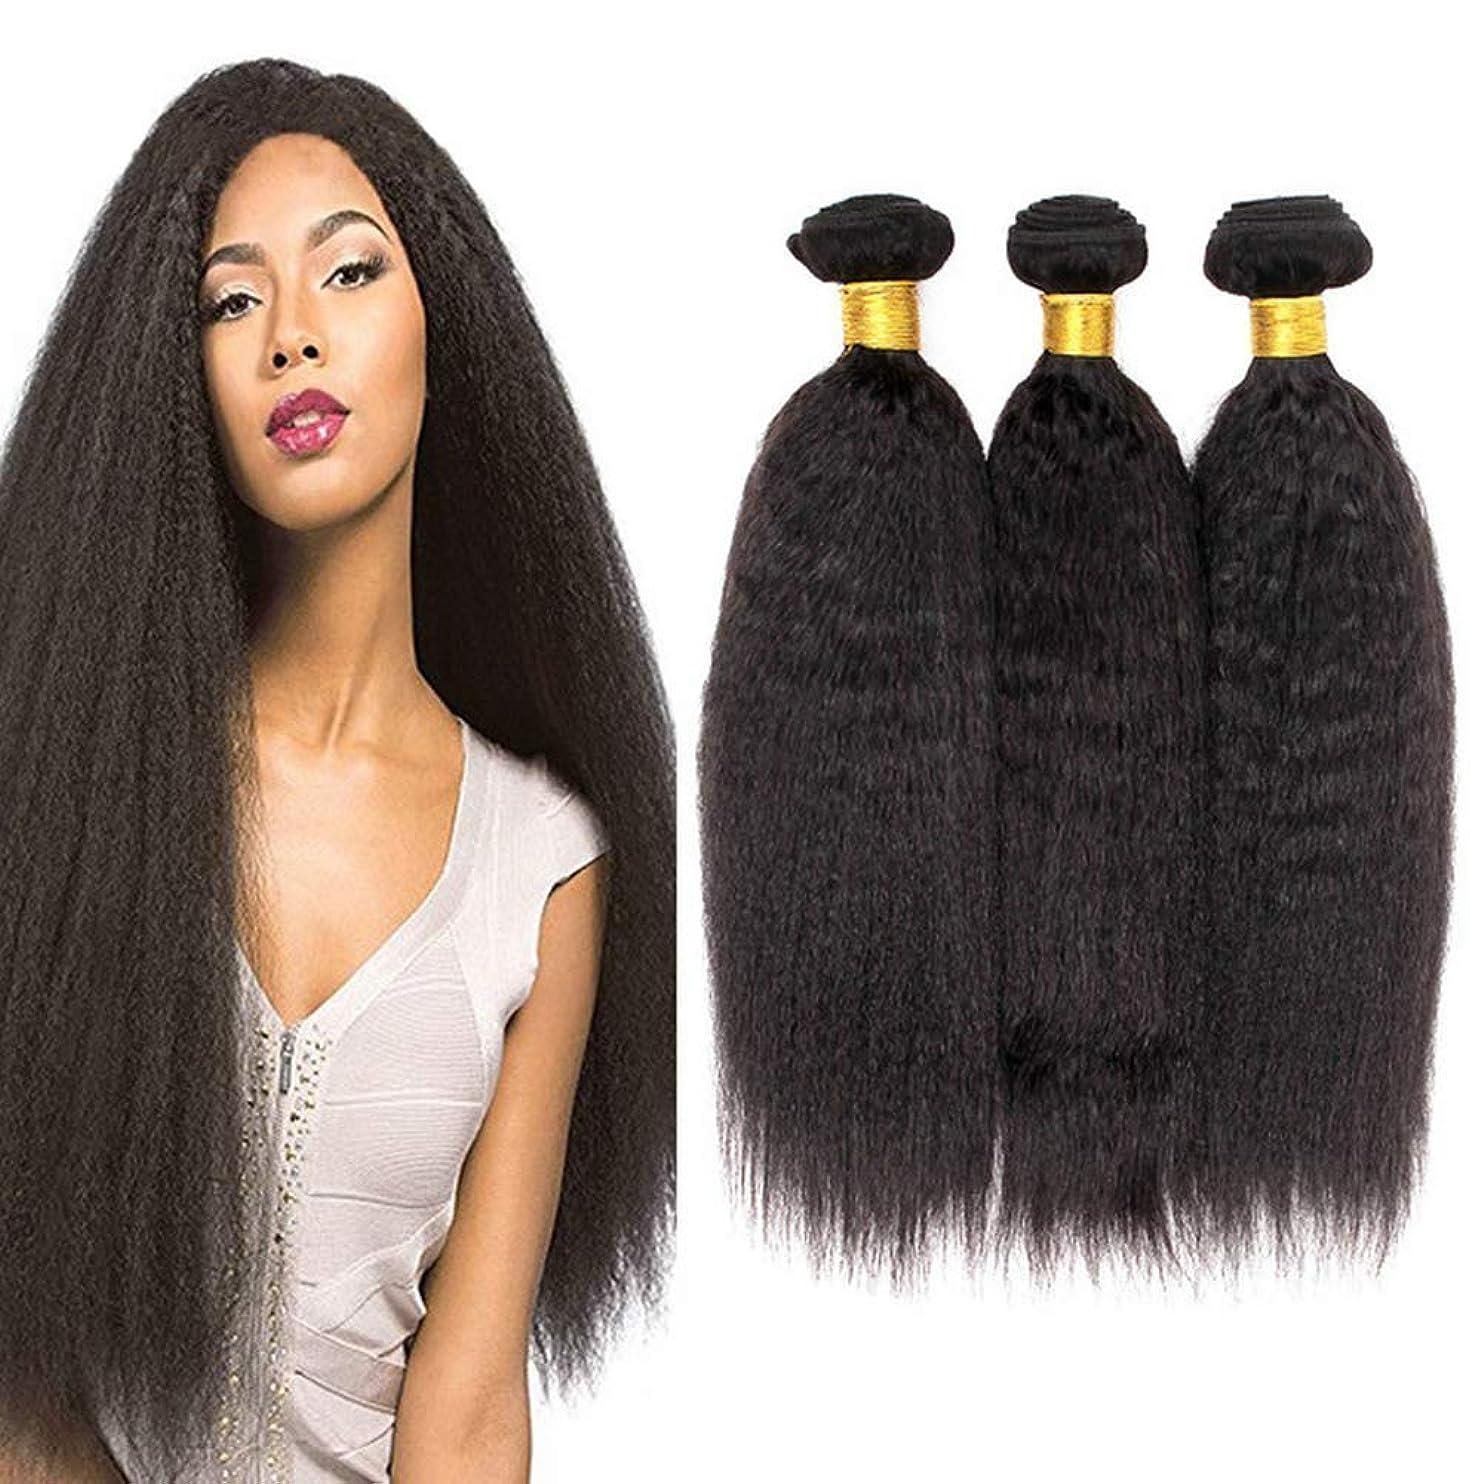 チャンスアーク短くするかつらかつら女性の自然な体の波の髪の合成 250% 高密度アメリカの耐熱すべての肌の女性のため